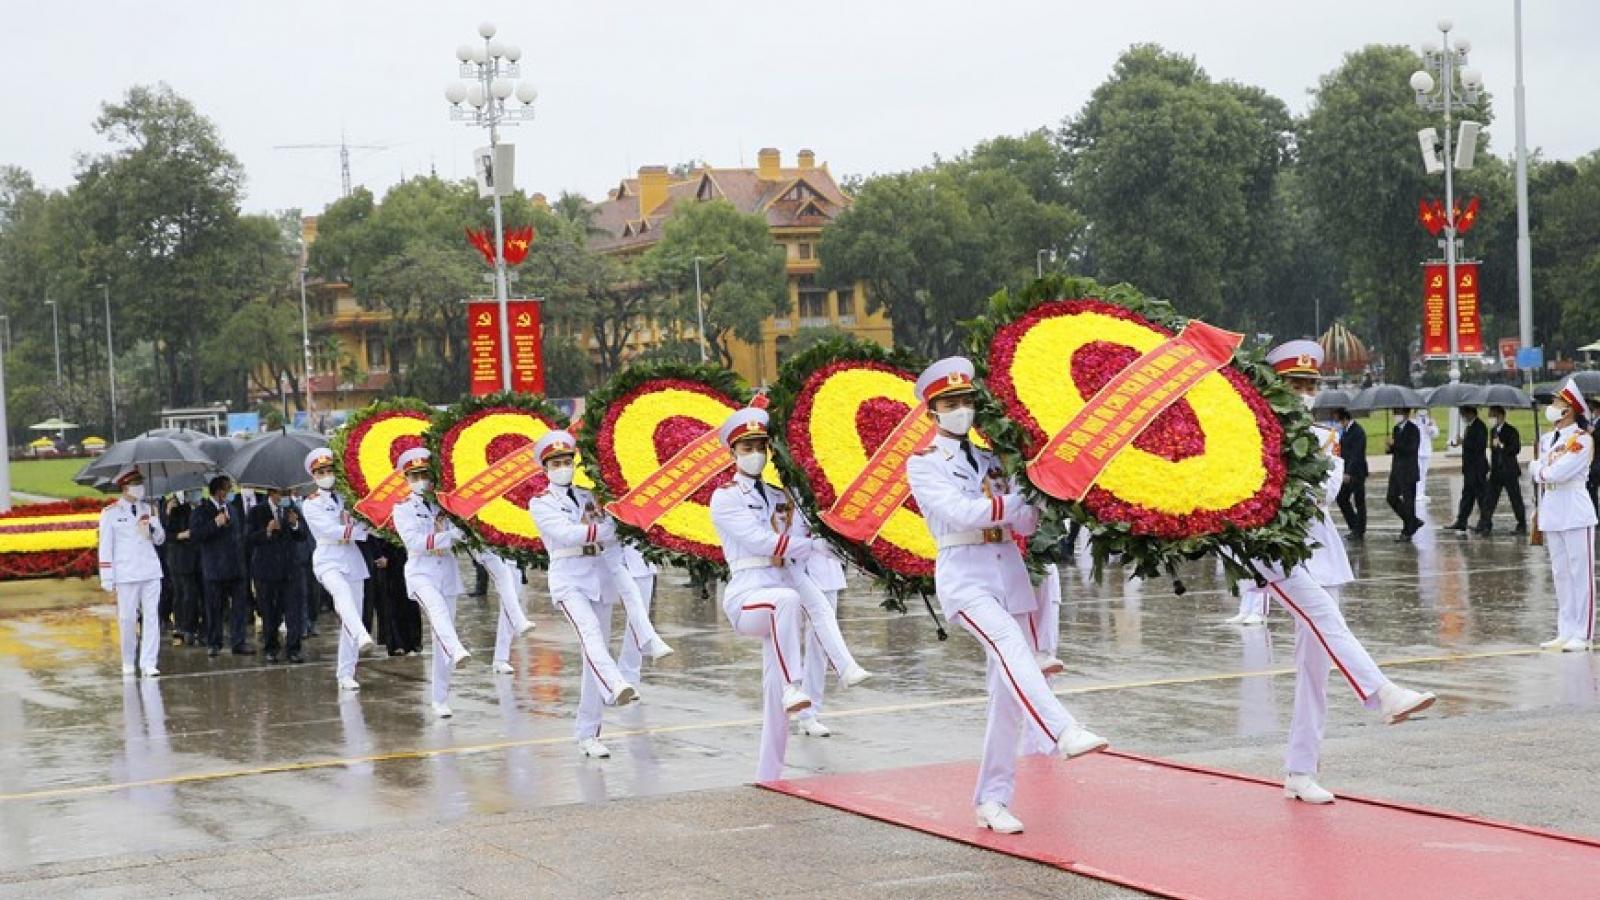 Lãnh đạo Đảng, Nhà nước viếng Chủ tịch Hồ Chí Minh và các Anh hùng, liệt sỹ